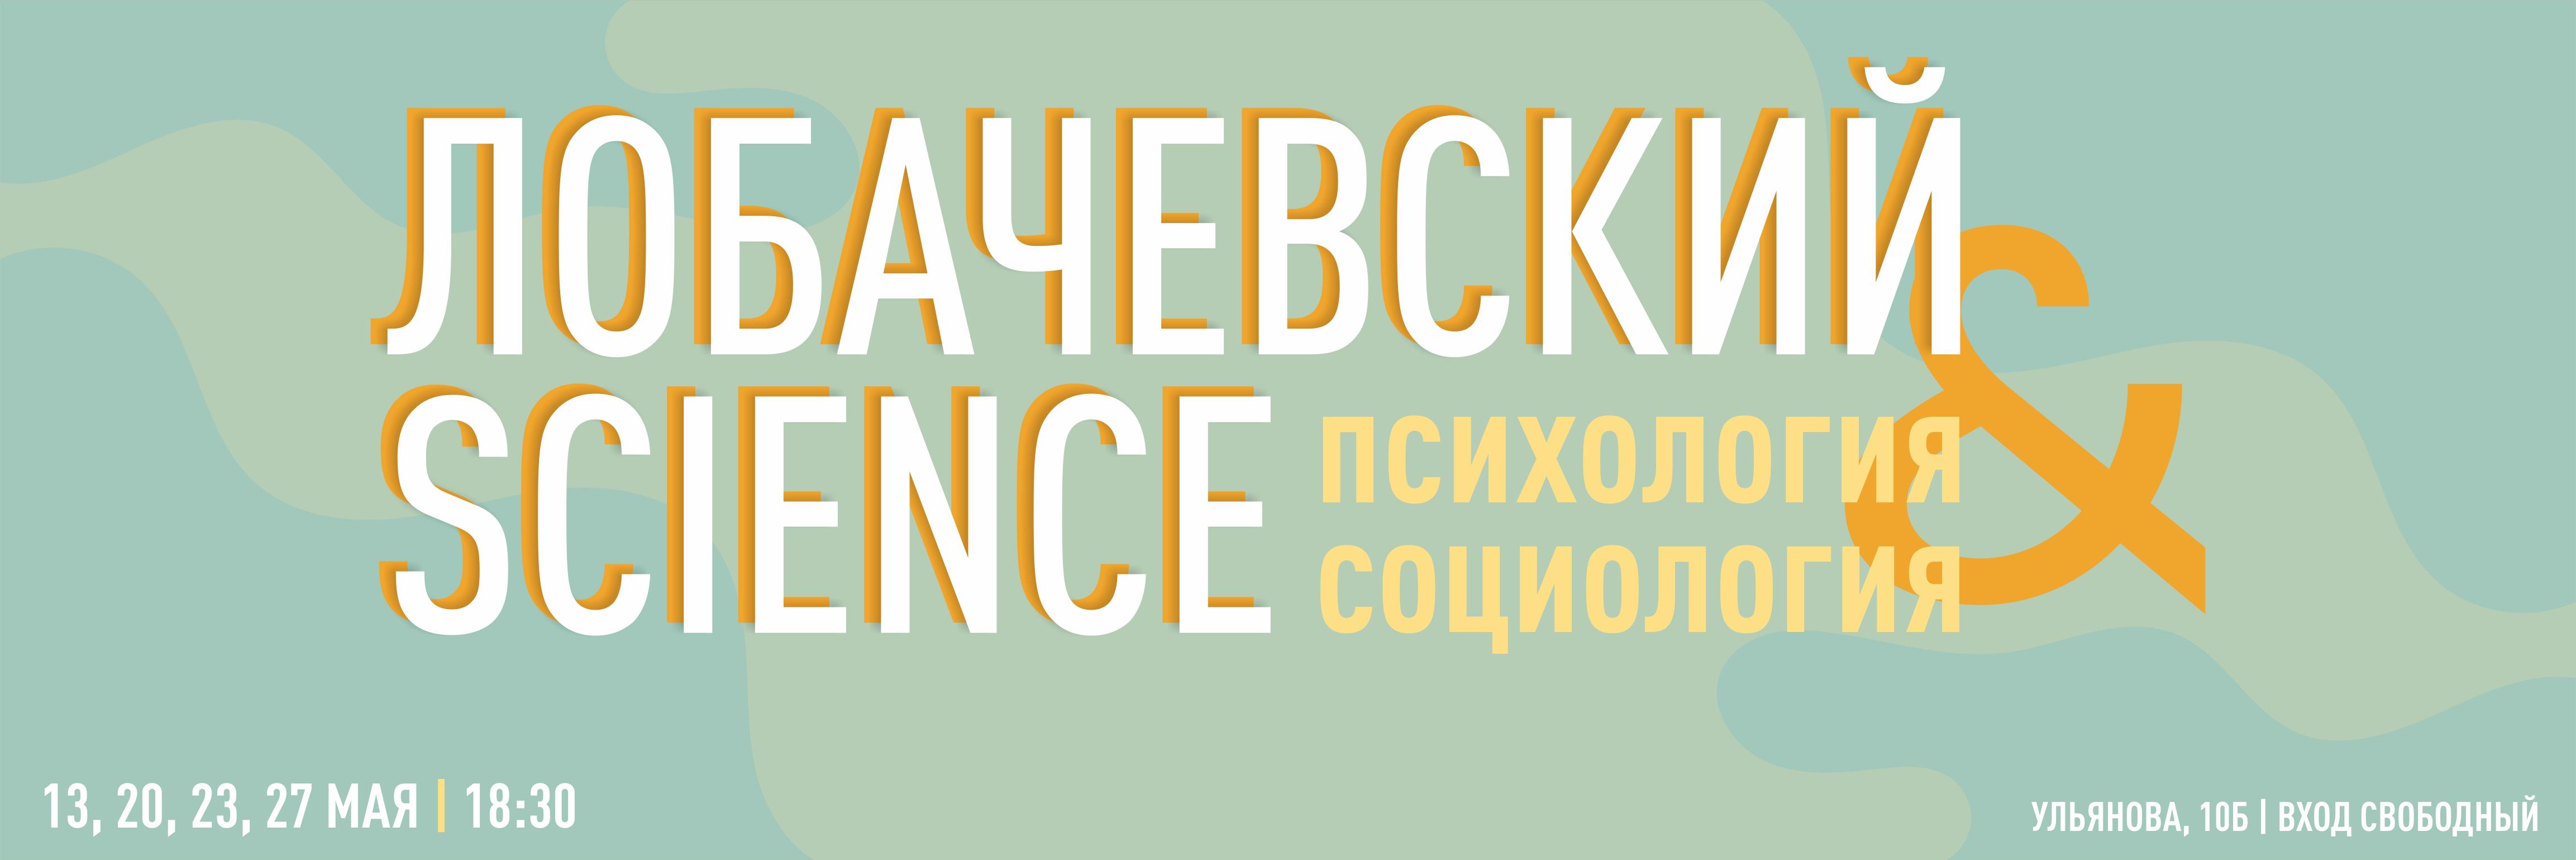 Лобачевский Science: психология & социология